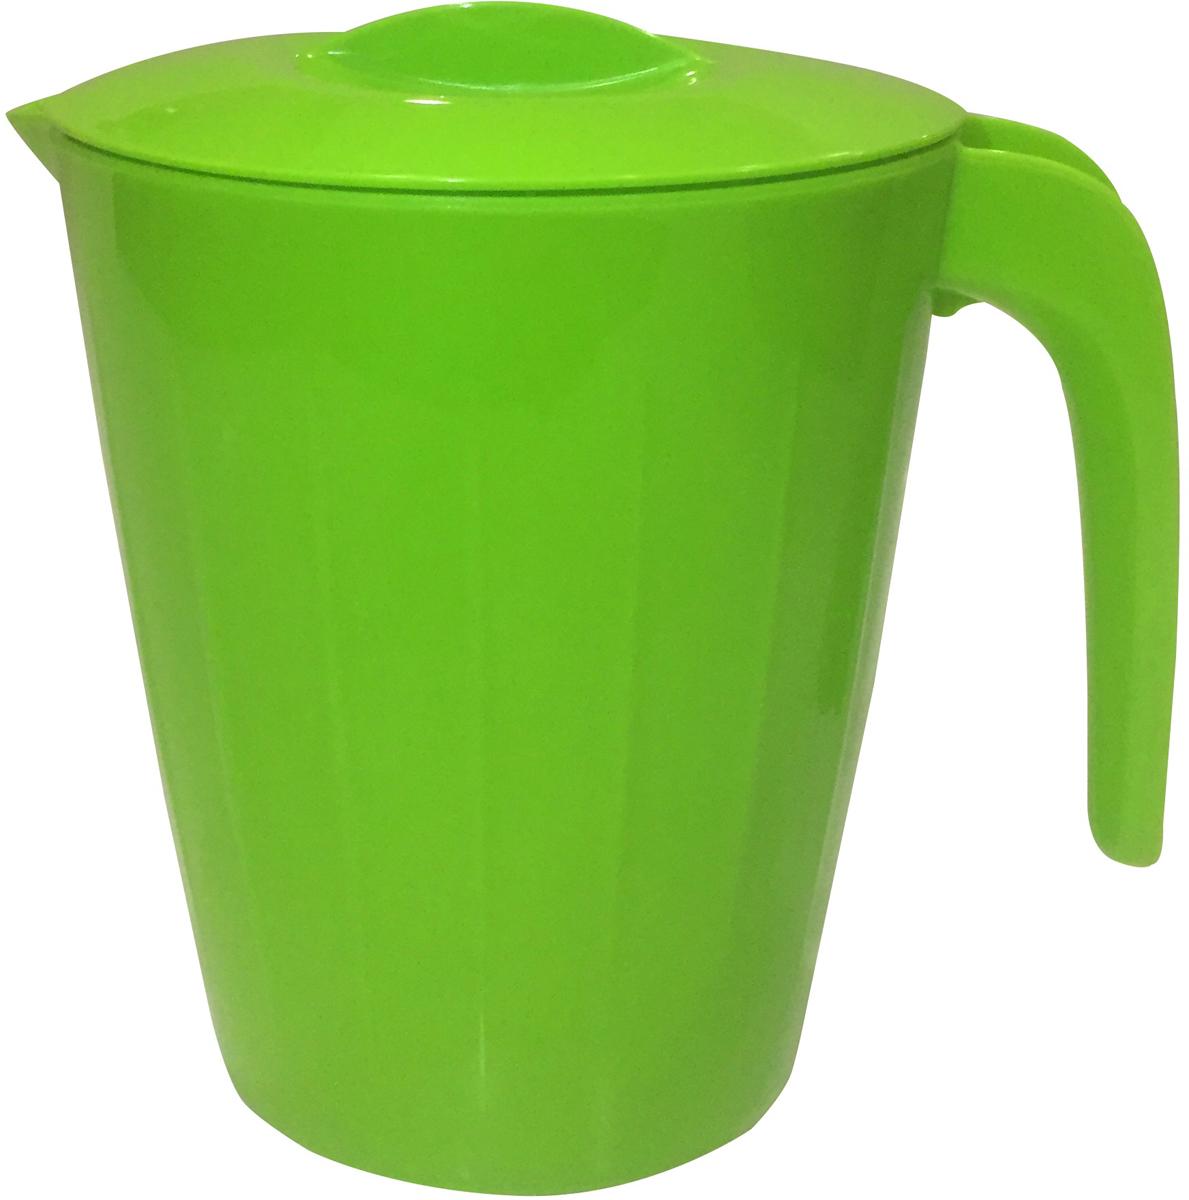 Стильный, презентабельный дизайн Кувшина Bono не может не украсить ваш стол. Кувшин позволяет вмещать в себя 1,9 л любого напитка. Присутствует крышка, защищающая от попадания пыли, что очень важно находясь за столом на природе.